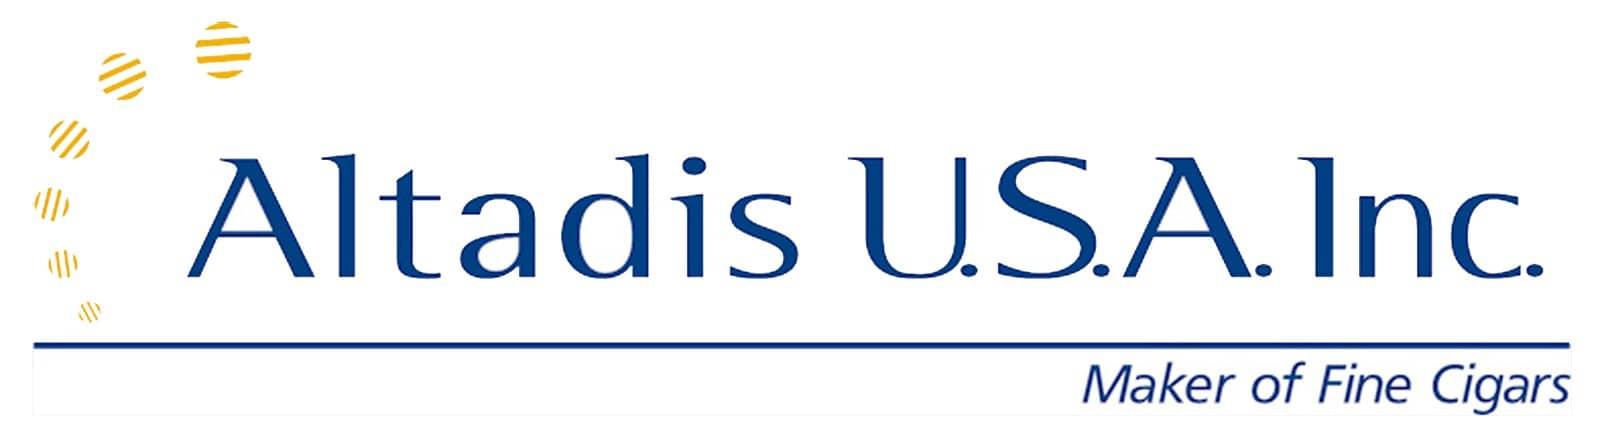 Altadis-USA